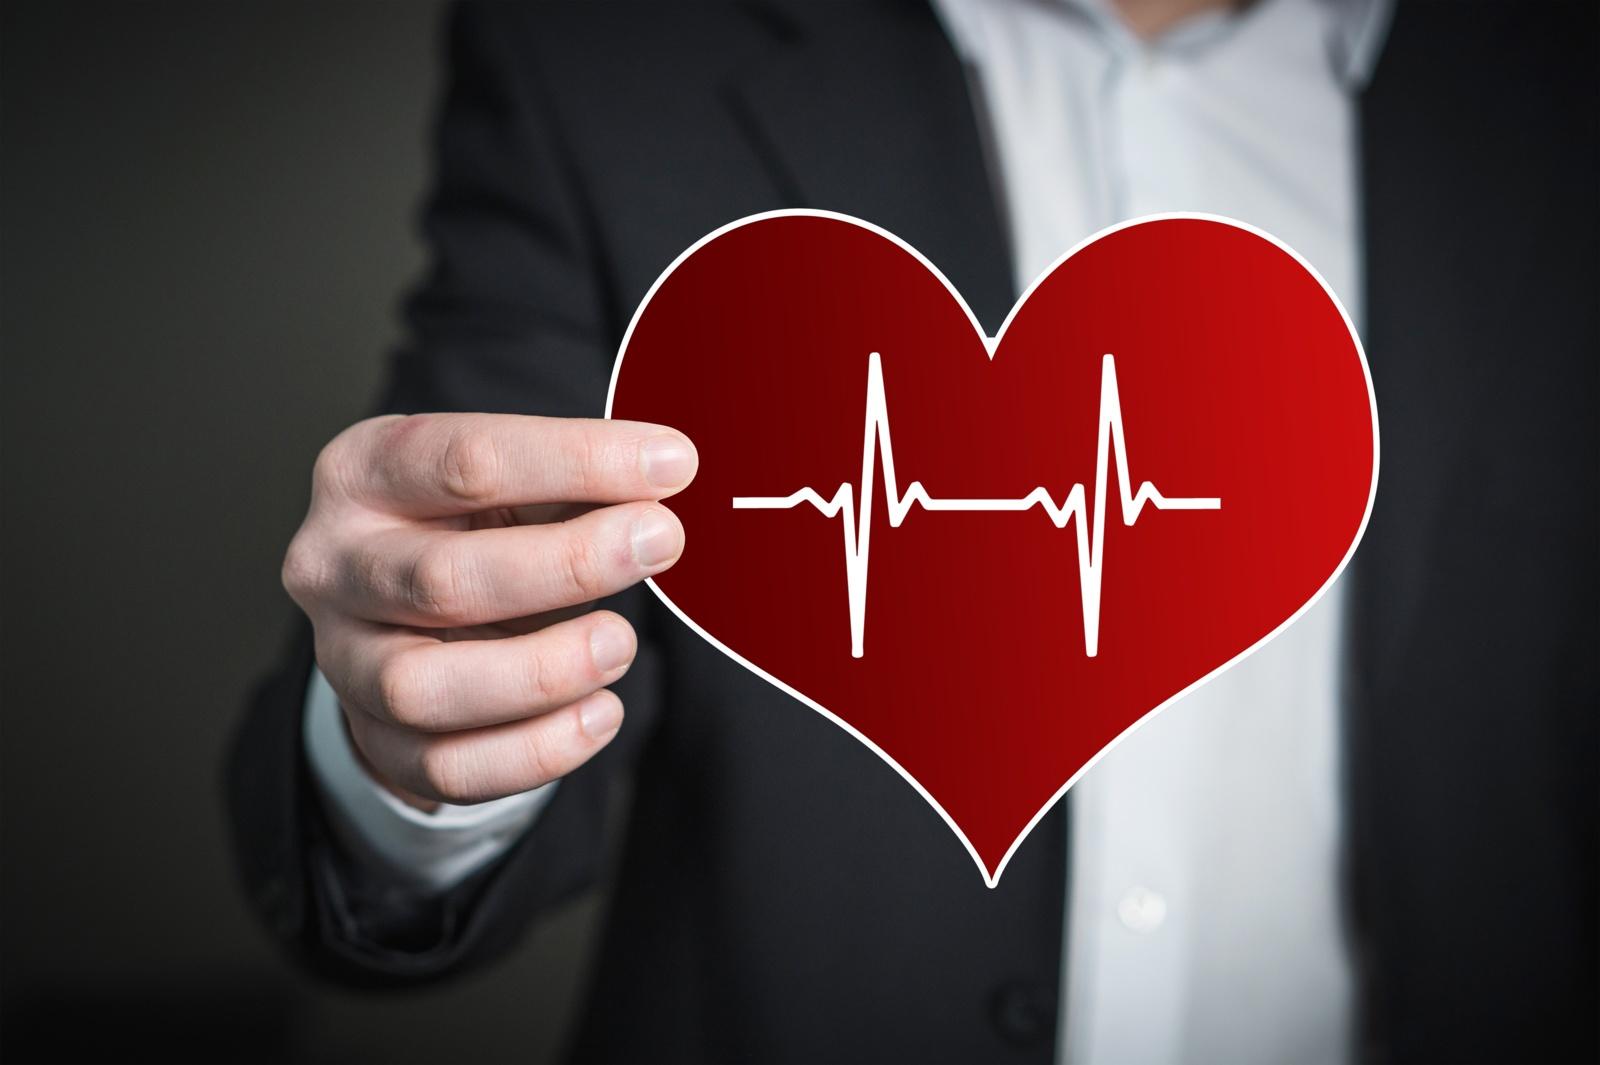 hipertenzija 2 s prognozė geriausias klimatas sergant hipertenzija